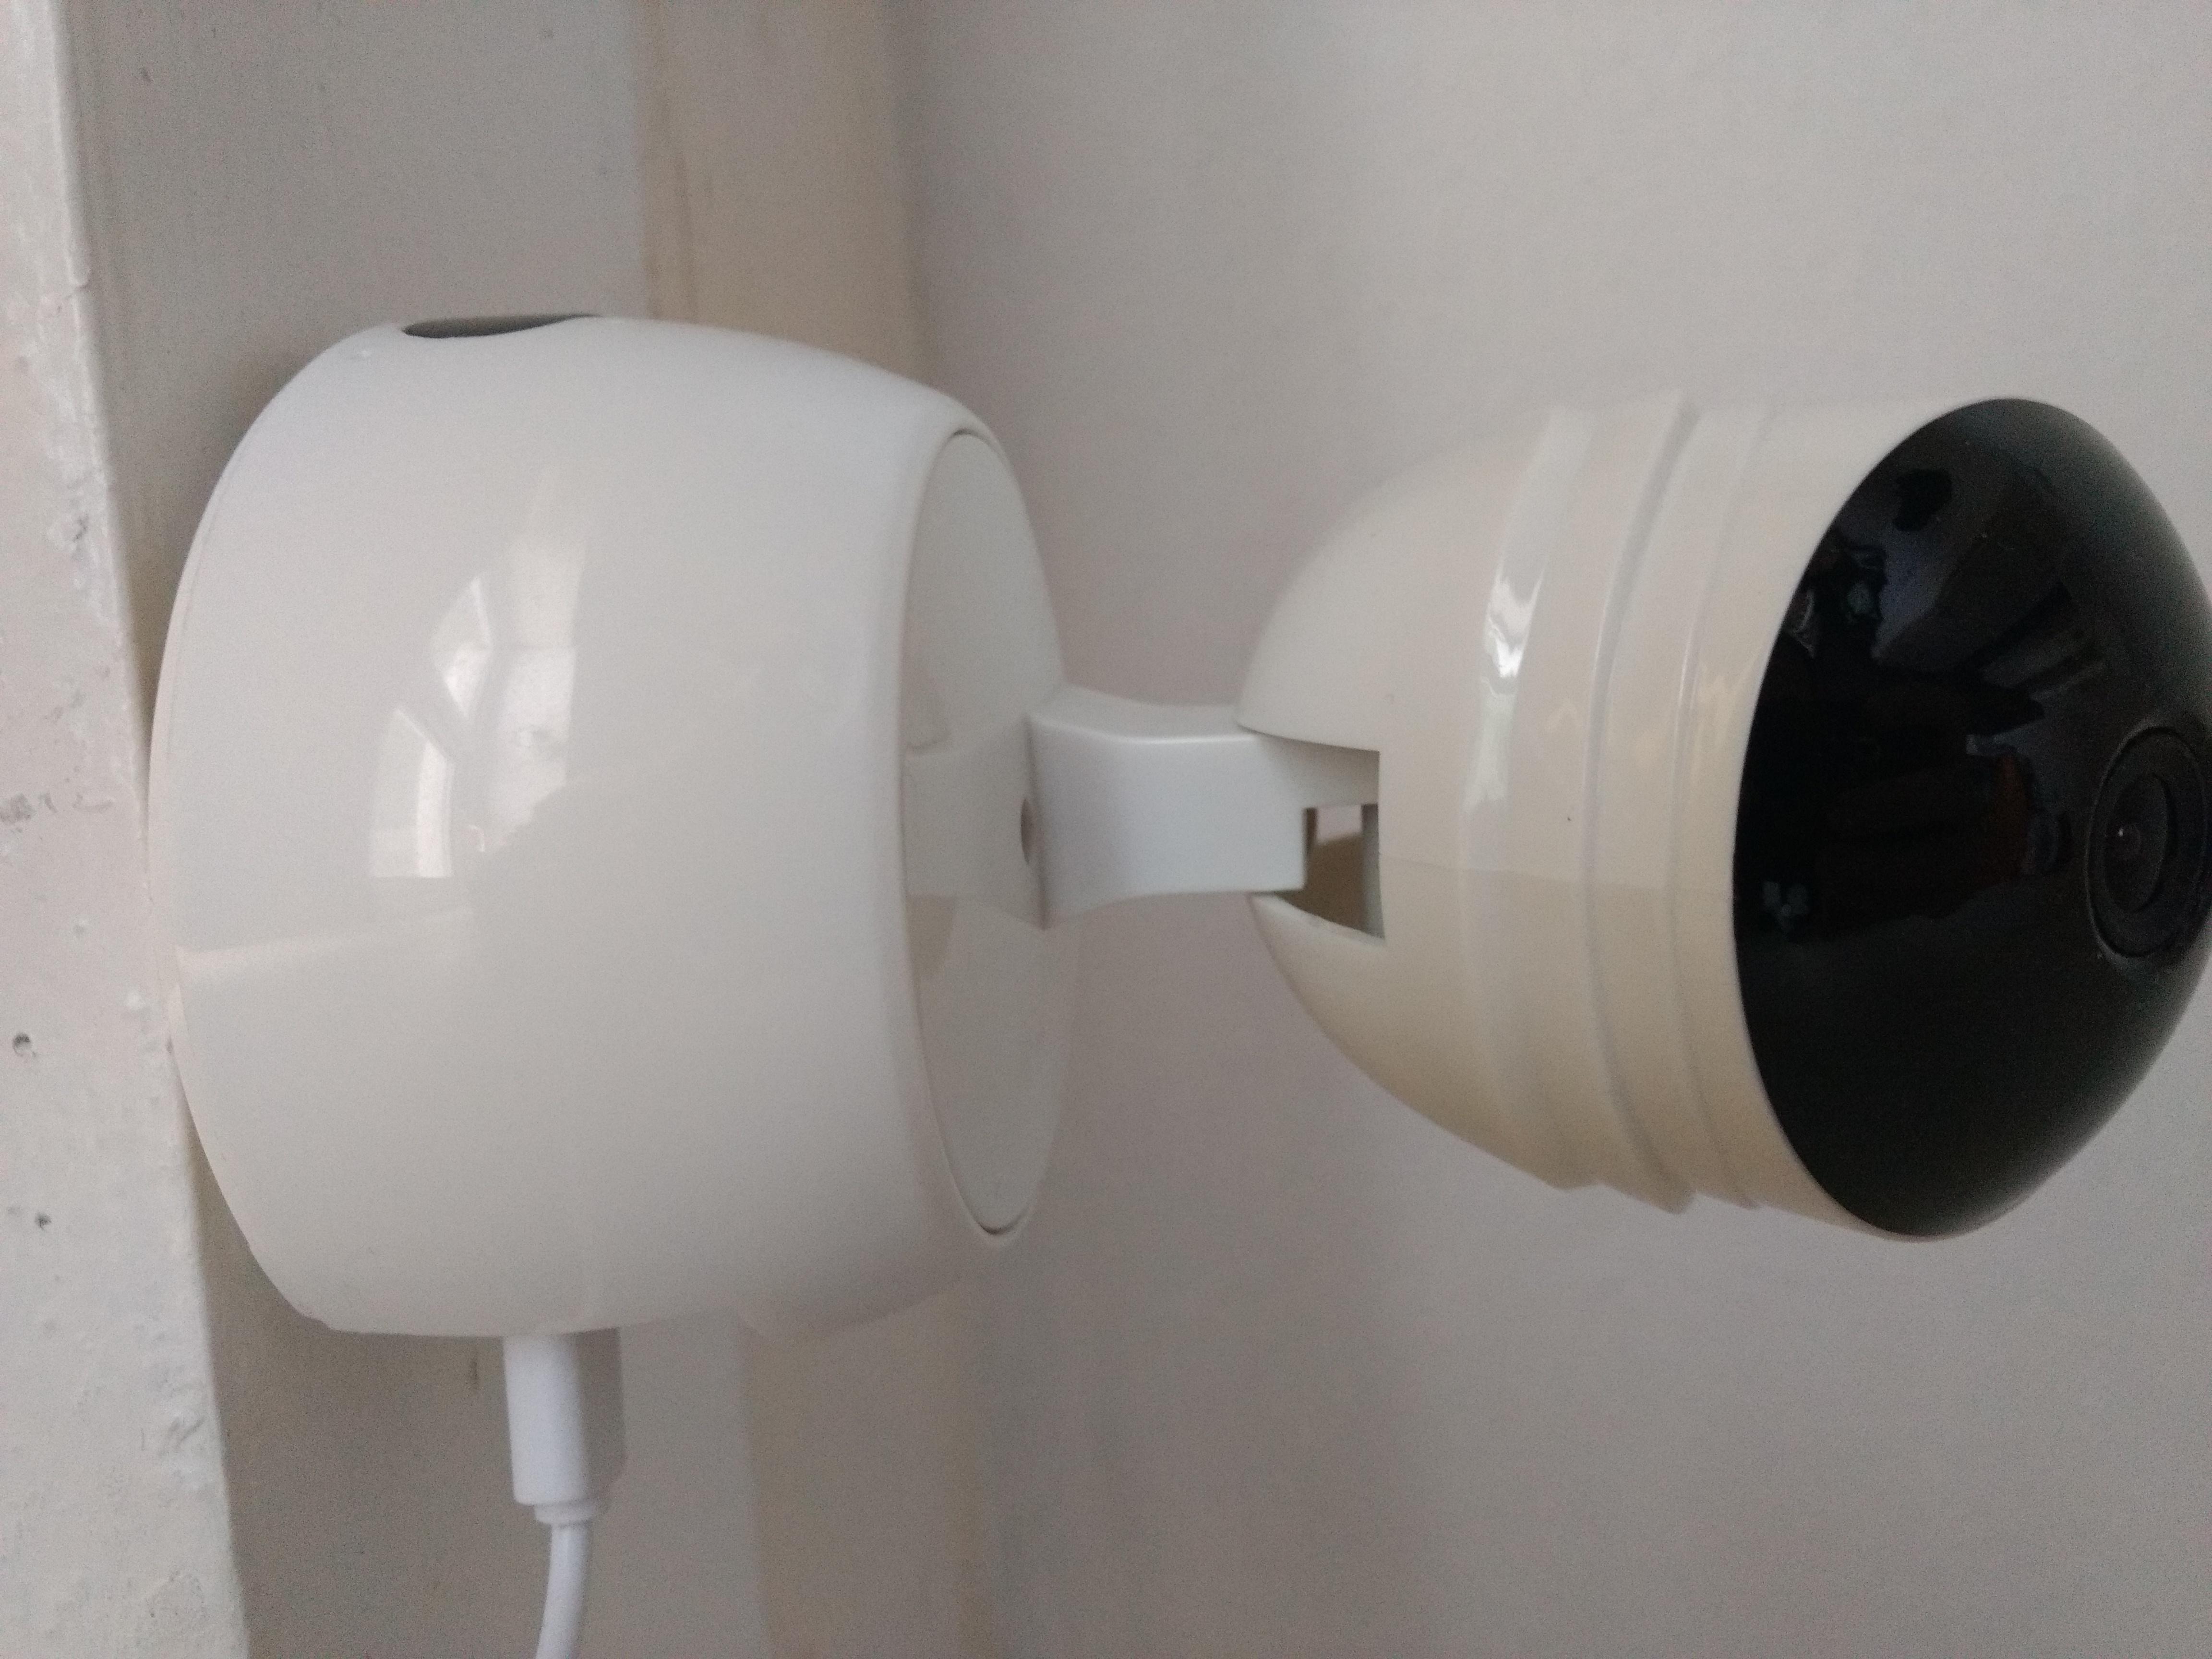 PTZ Baby Monitoring Camera